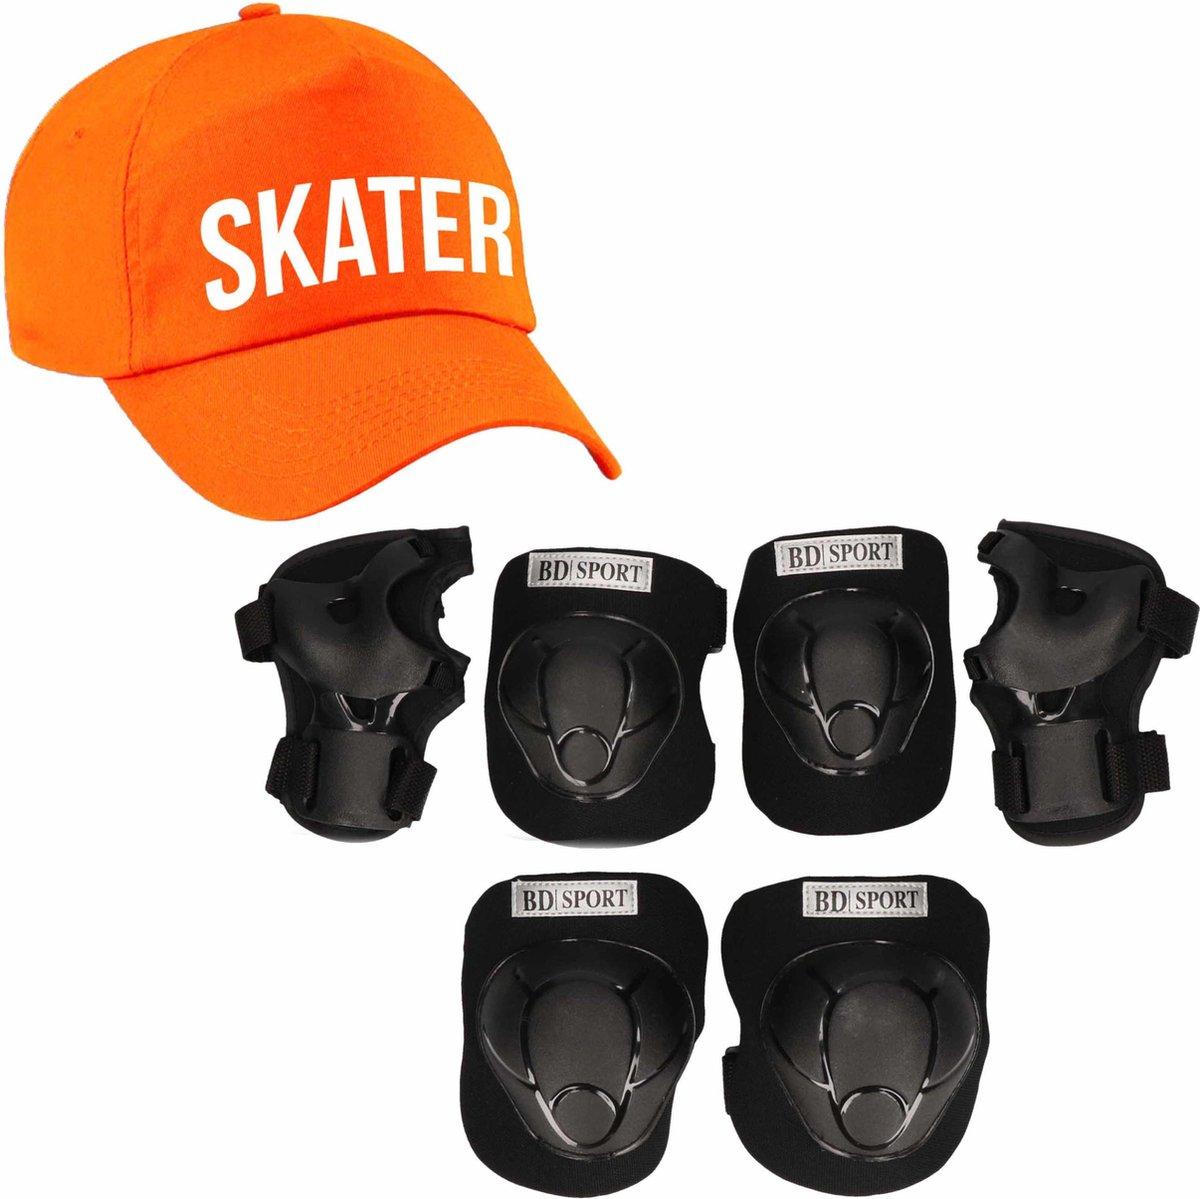 Set van valbescherming voor kinderen maat M / 6 tot 8 jaar met een stoere SKATER pet oranje